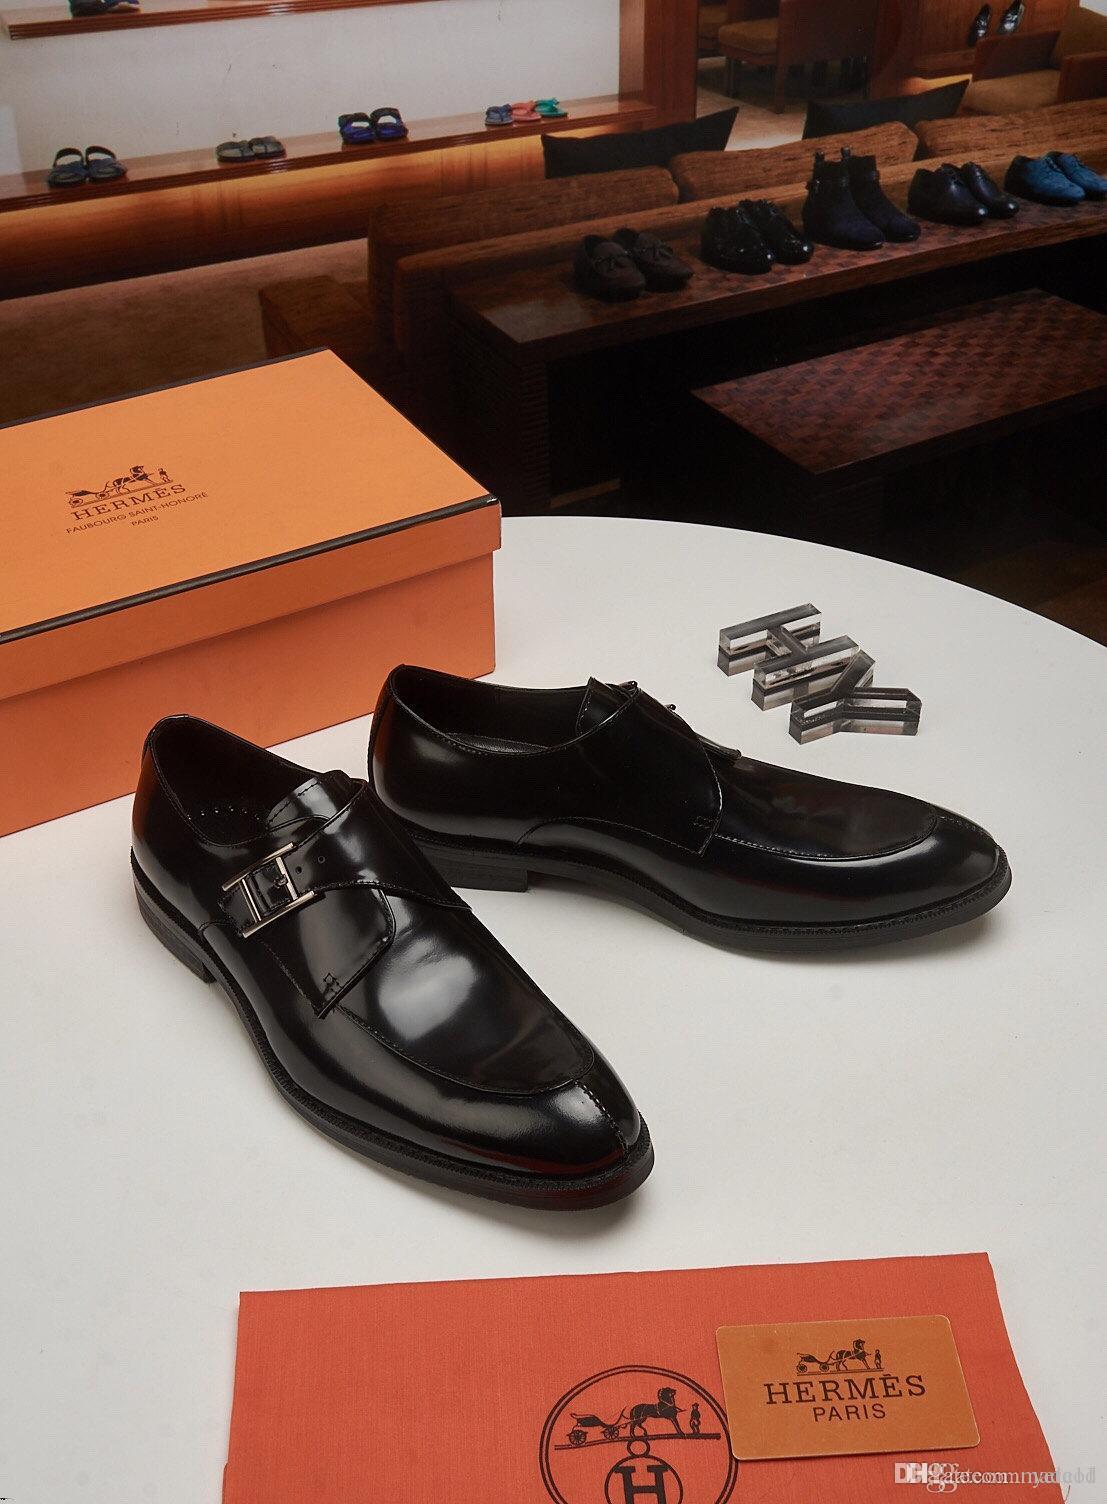 20ss Hombres Zapatos Primavera Verano cuero auténtico negocio formal zapatos casuales zapatos de vestir de lujo Oficina hombres transpirable Oxford MADAOD